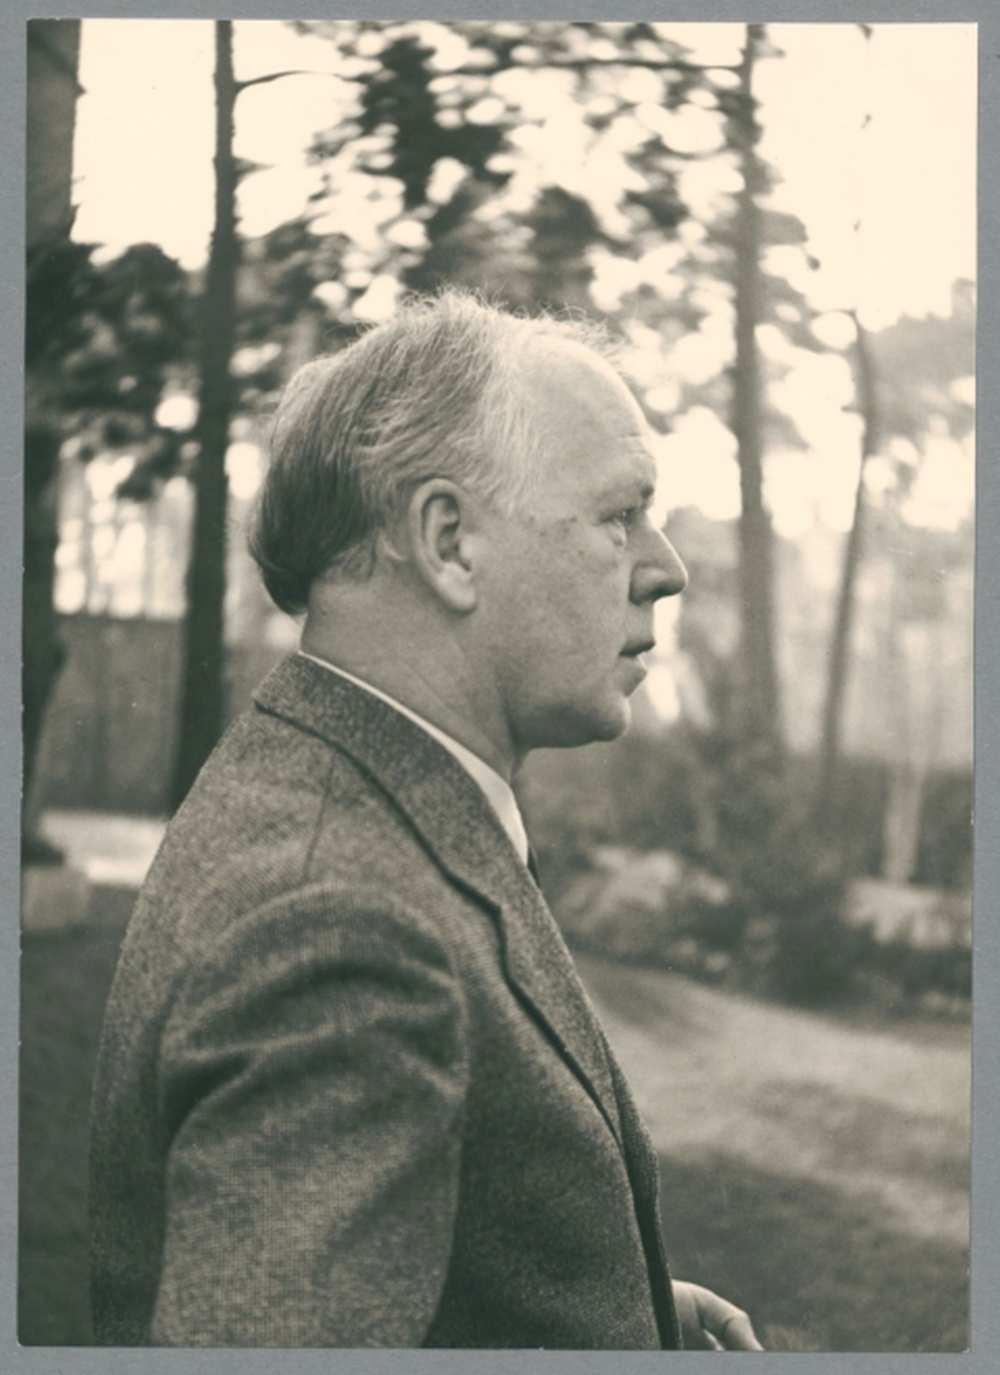 Georg Kolbe 1936 in seinem Garten in der Sensburg Foto Kurt von Keudell Bildarchiv Georg Kolbe Museum